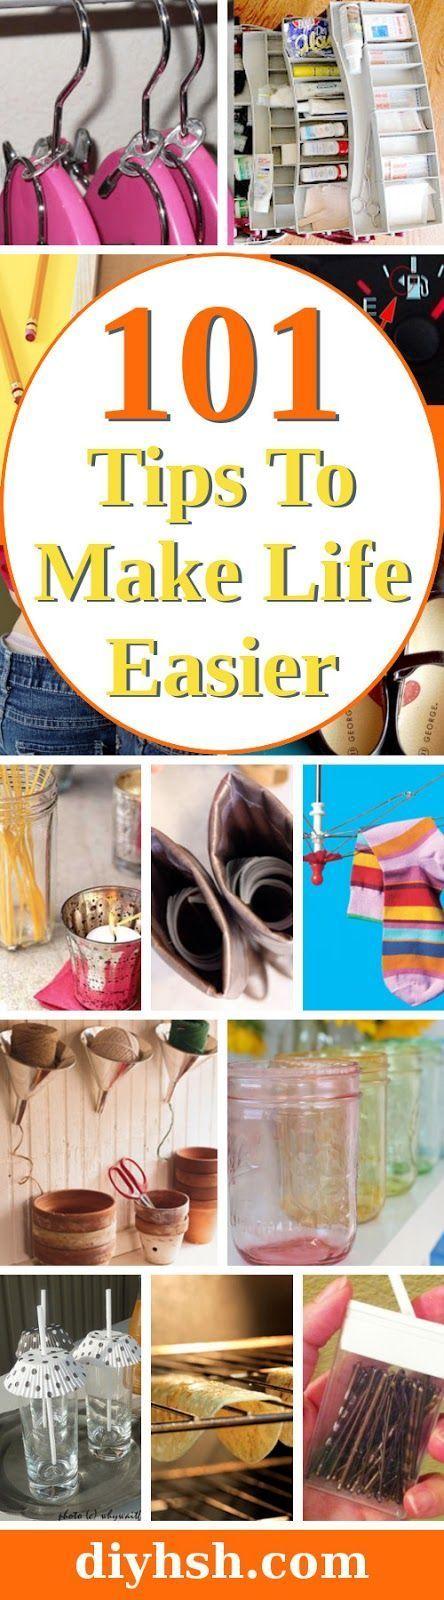 Tips, Tips, and More Tips. 101 Tips to make life easier. #DIYHSH #LifeHacks #Family #diy